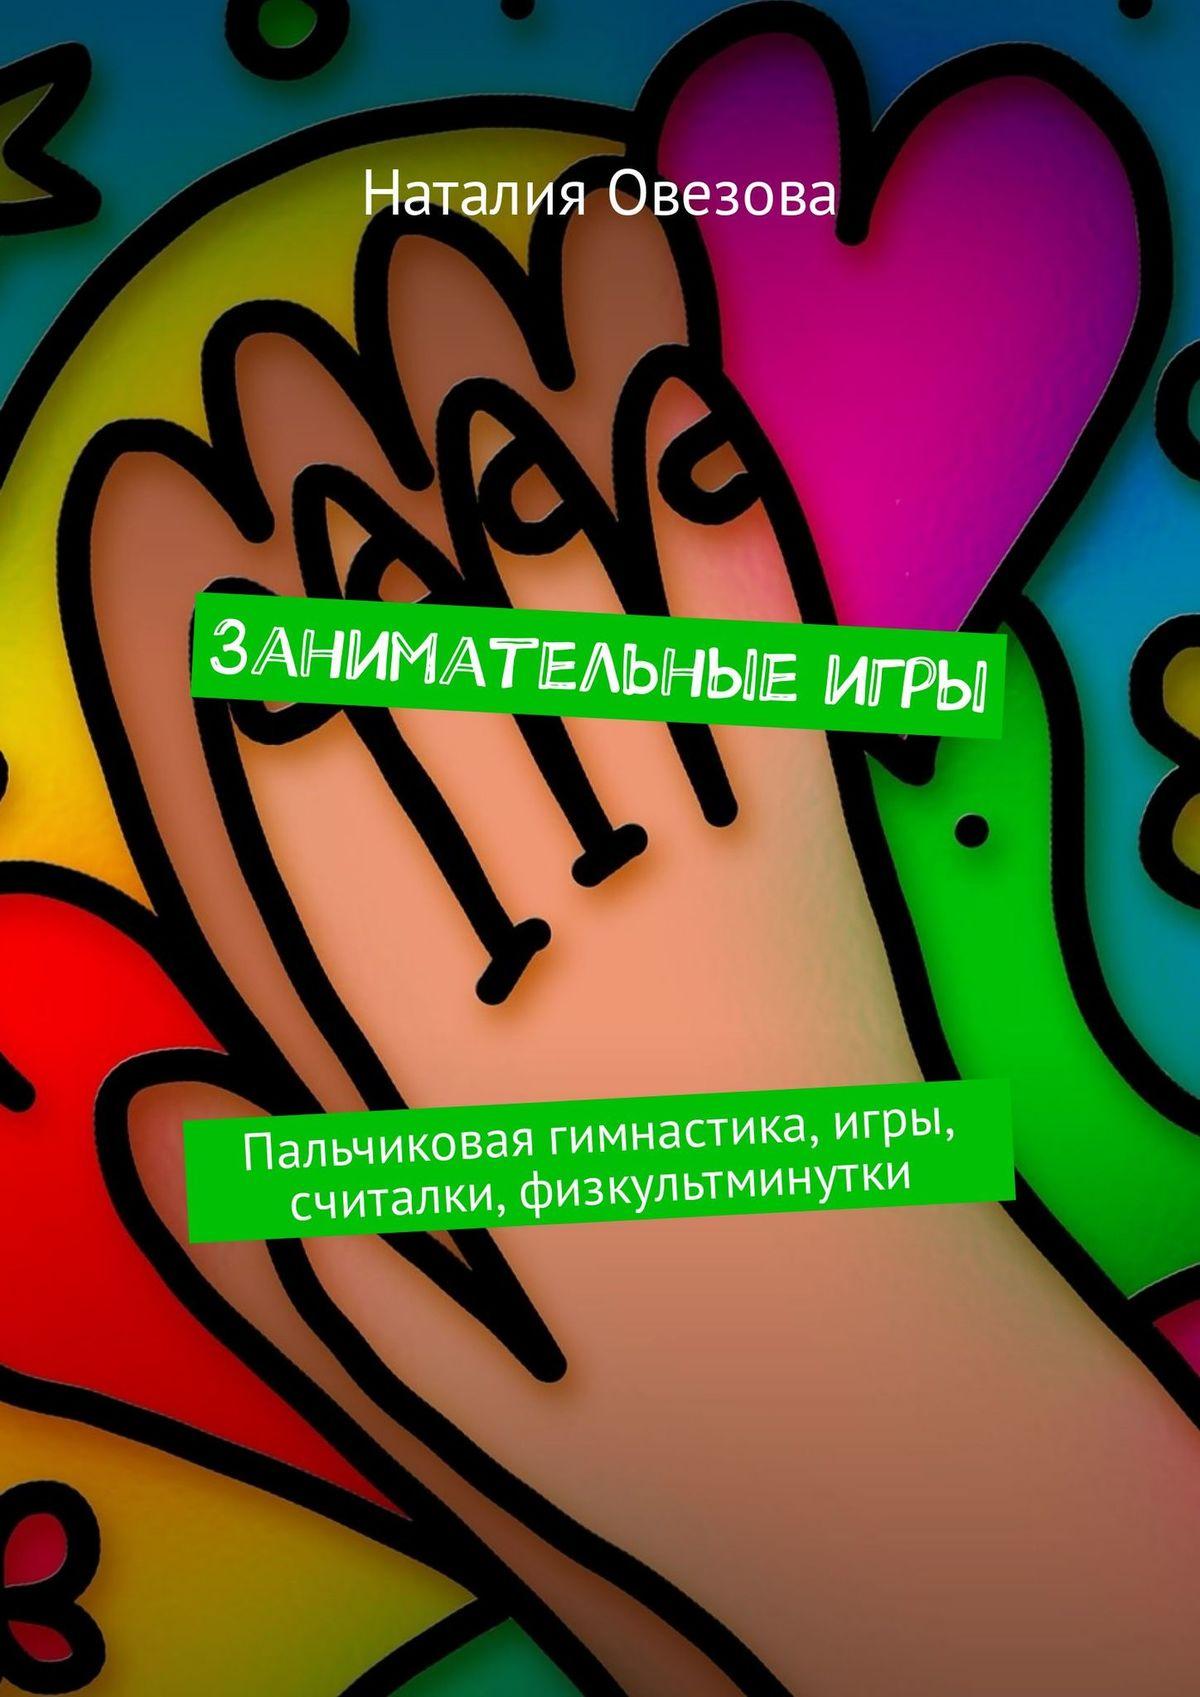 Наталия Овезова Занимательныеигры. Пальчиковая гимнастика, игры, считалки, физкультминутки пальчиковая гимнастика